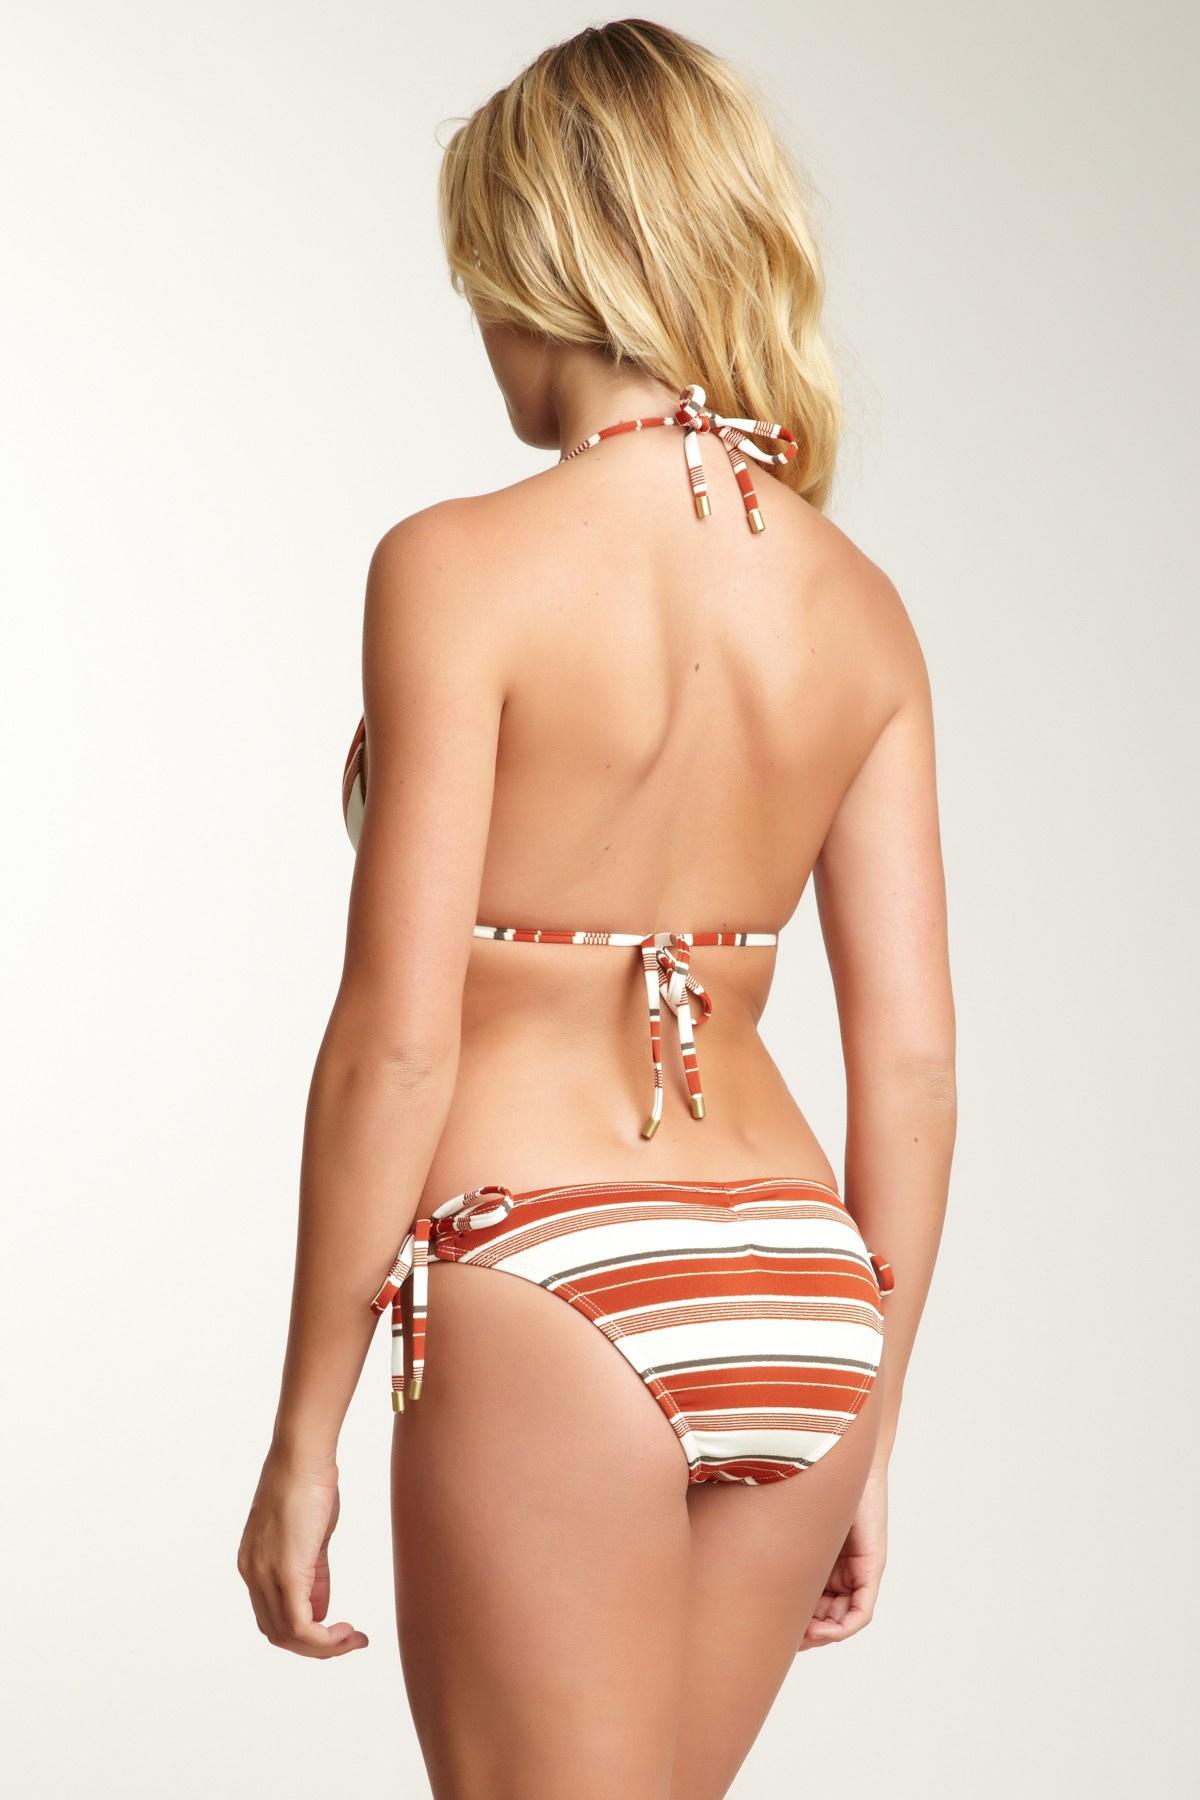 Chelsea Salmon in a bikini - ass